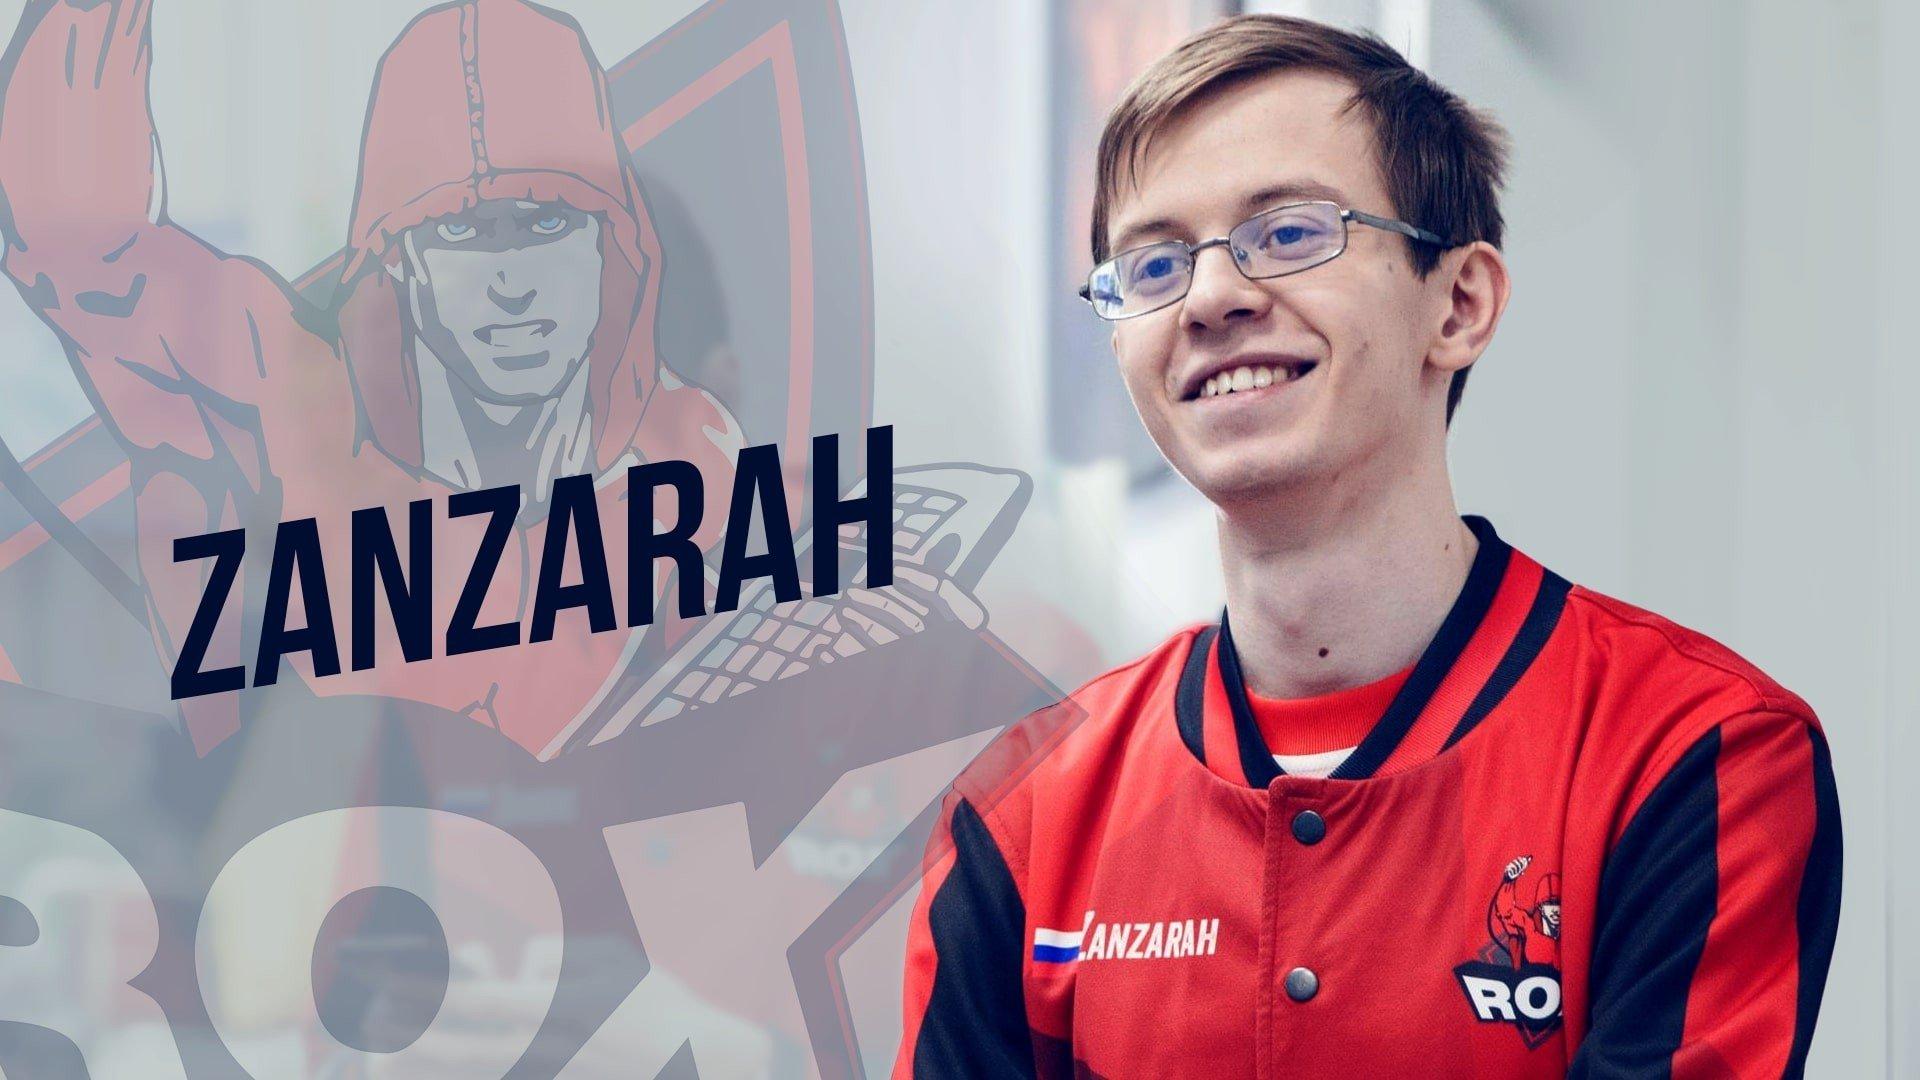 Российский киберспортсмен Zanzarah станет игроком Astralis по LoL